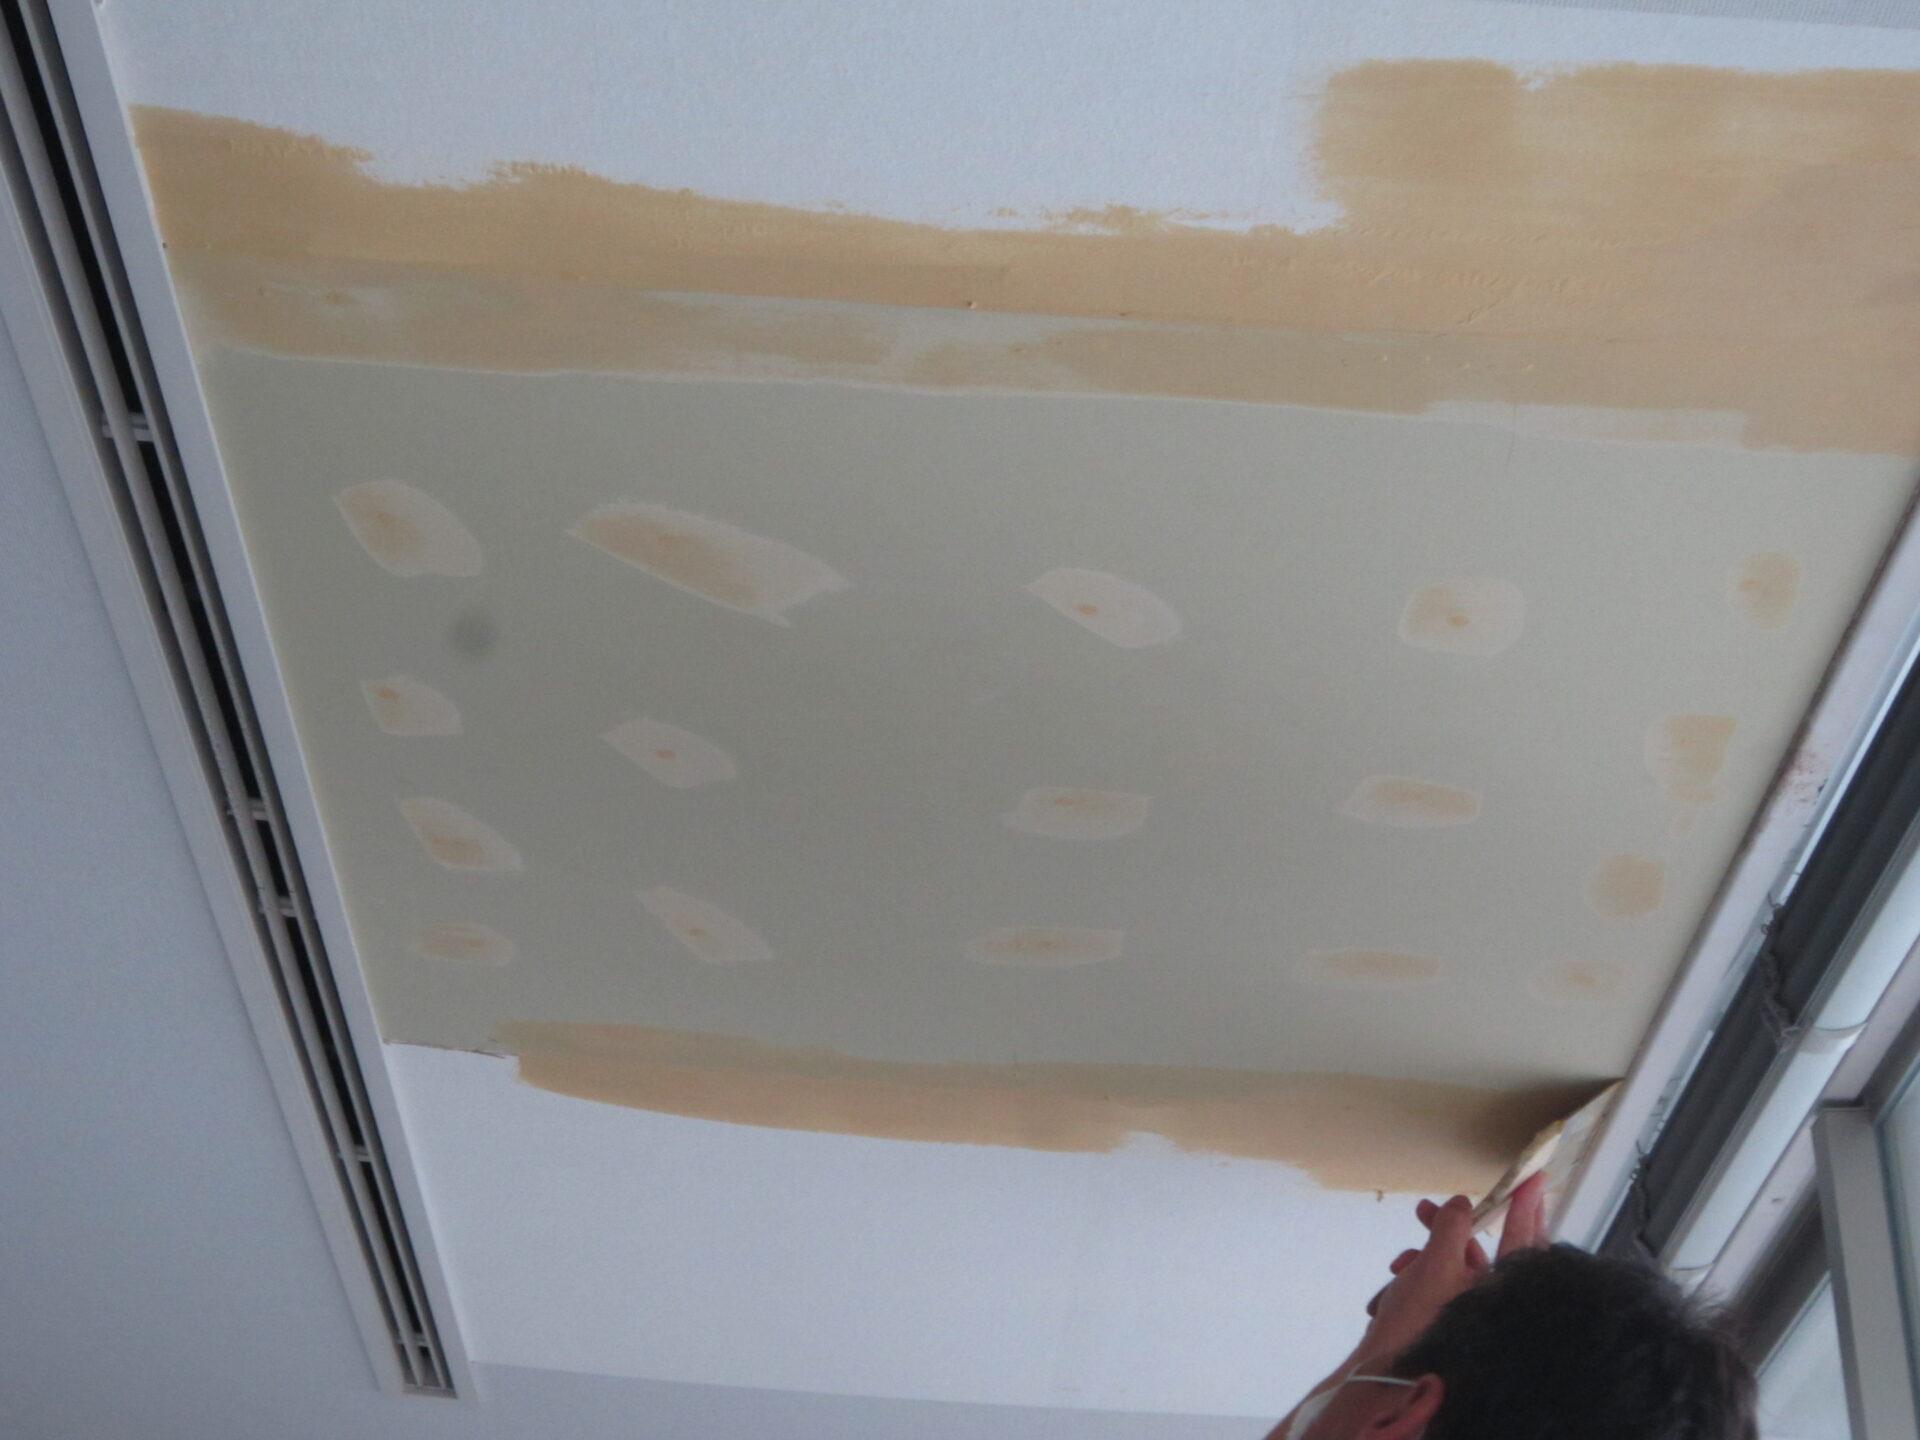 天井雨漏り修繕工事画像5